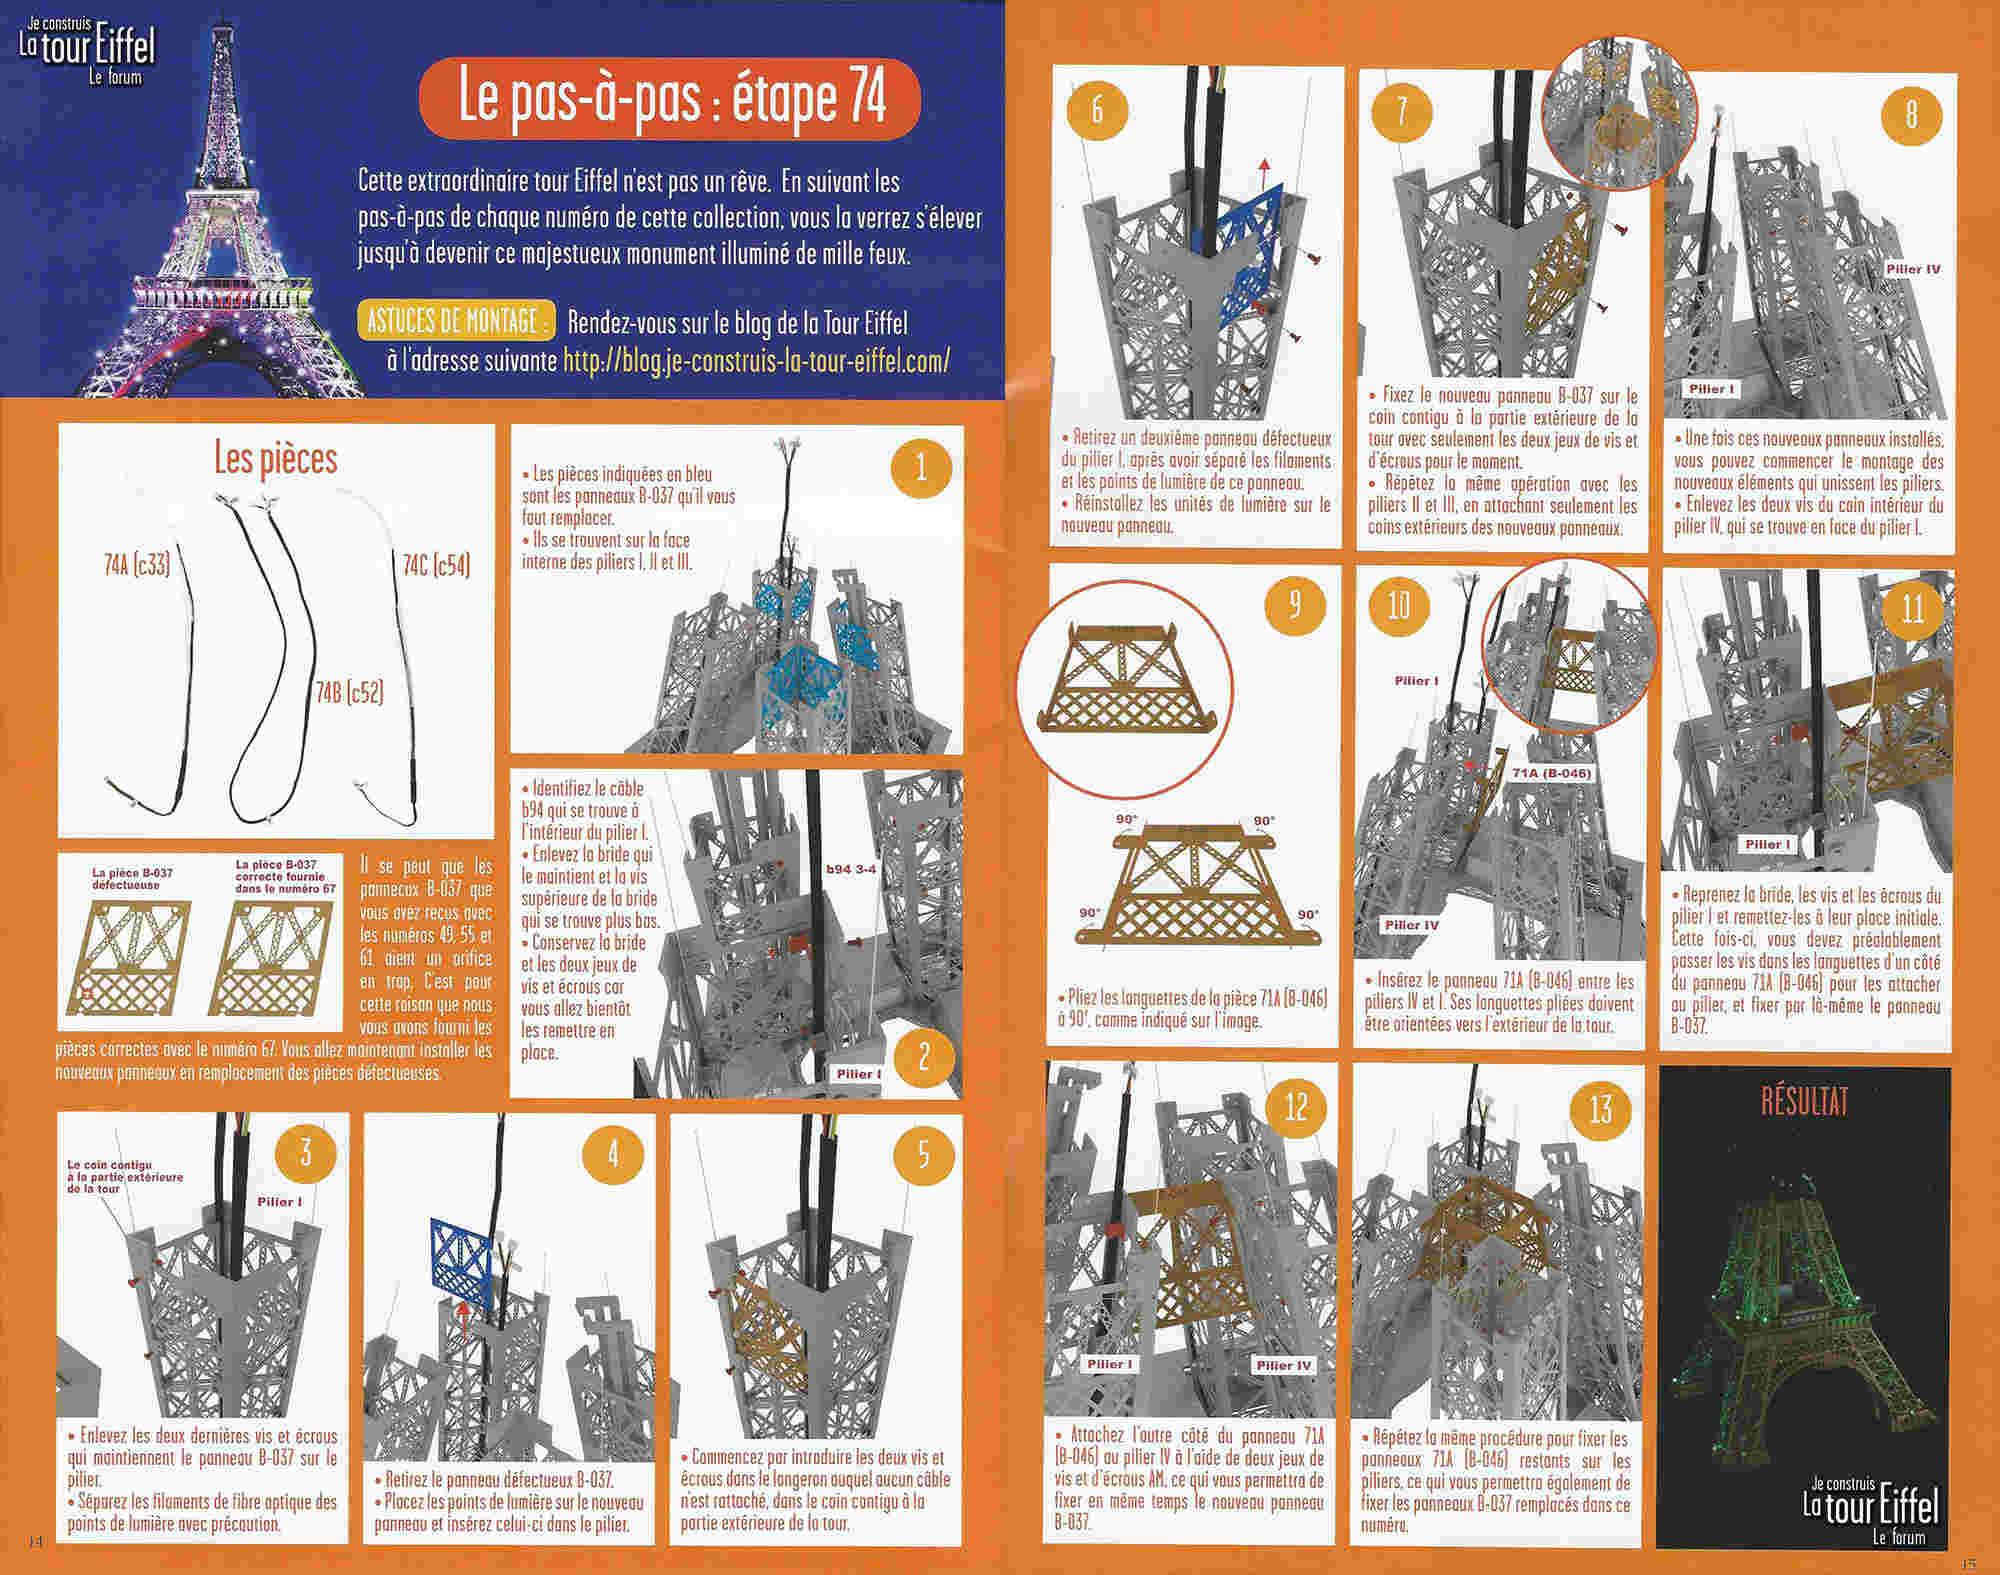 Numéro 74 - Je construis la Tour Eiffel - Le Shangai World Financial Center 074-0210